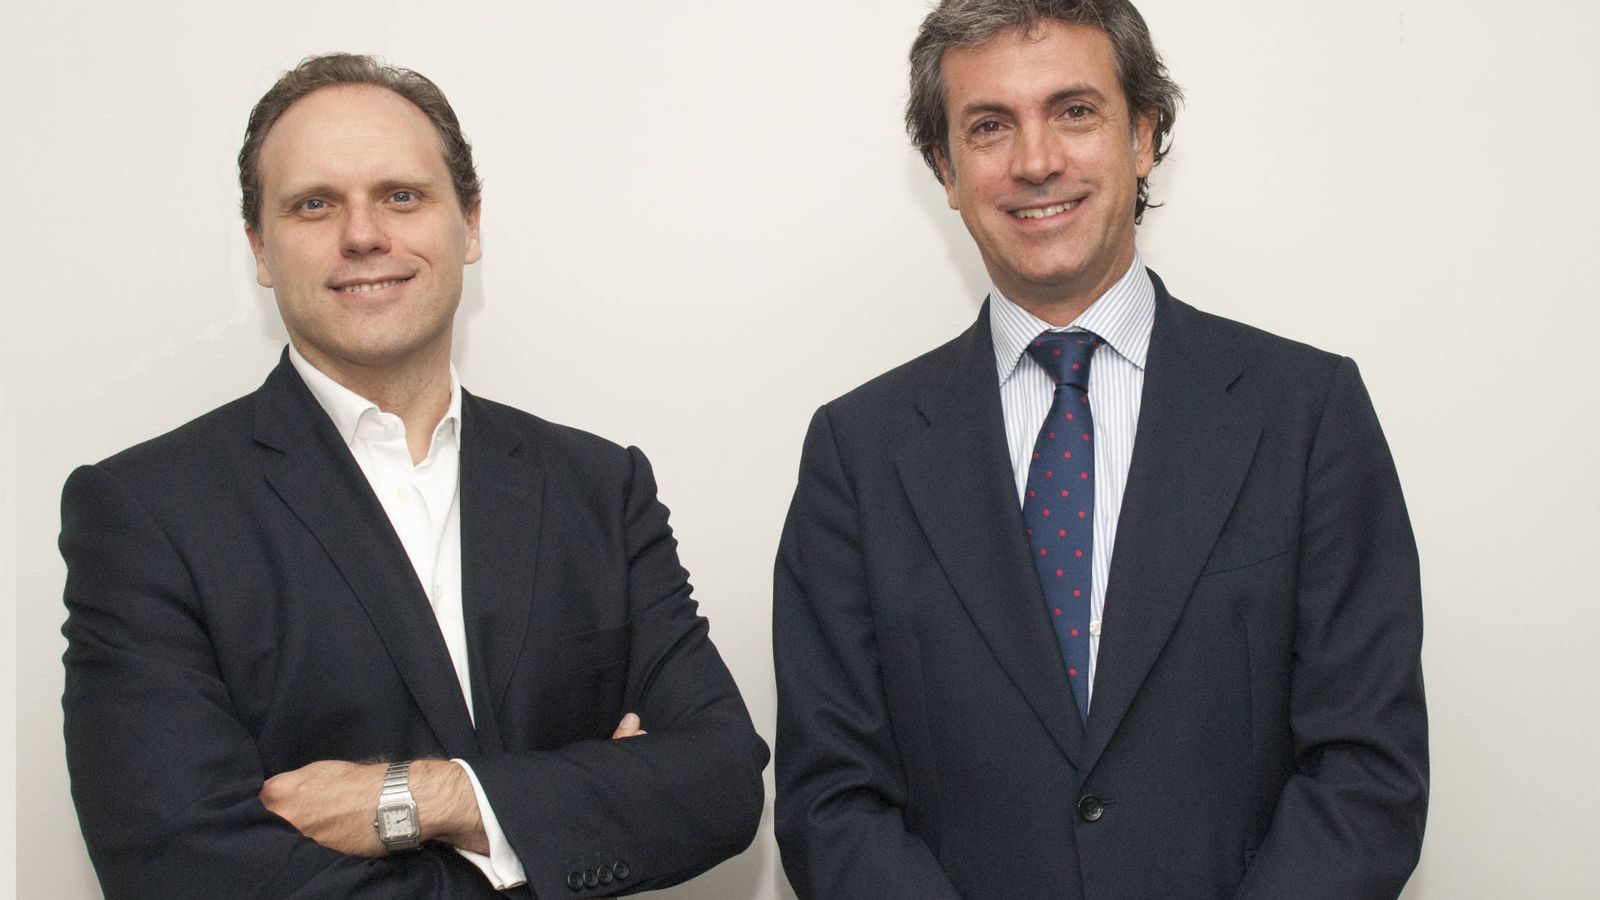 Foto: Daniel Lacalle y Jacobo Blanquer, gestores de Adriza Global (Foto: Tressis)